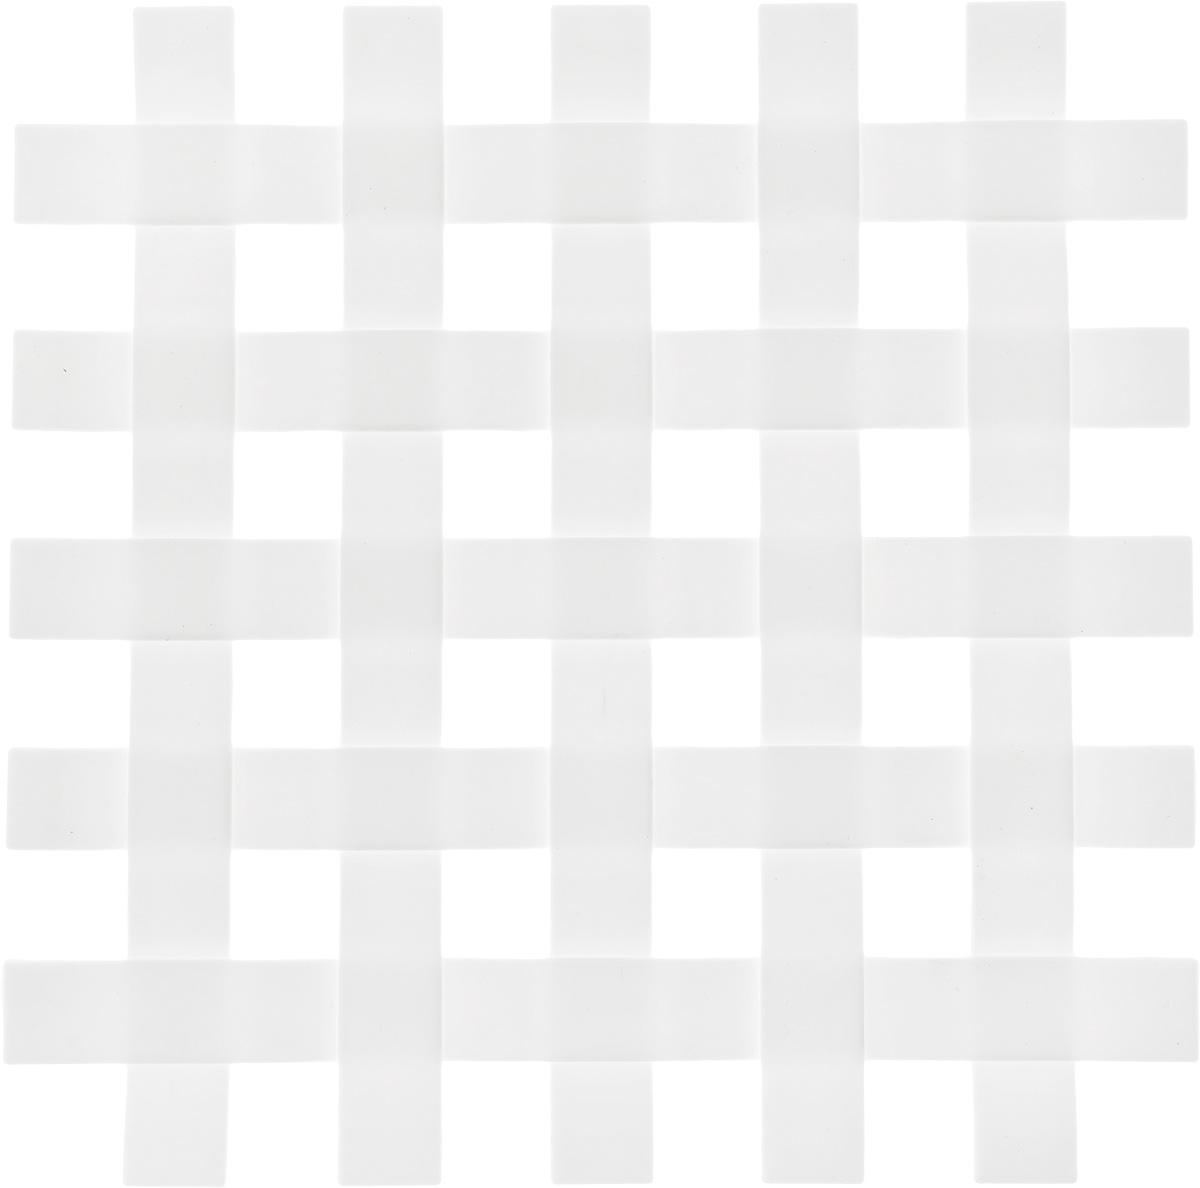 Подставка под горячее Zeller, цвет: белый, 17,2 х 17,2 см27232_белыйПодставка под горячее Zeller в виде решетки изготовлена из силикона. Материал позволяет выдерживать высокие температуры и не скользит по поверхности стола.Каждая хозяйка знает, что подставка под горячее - это незаменимый и очень полезный аксессуар на каждой кухне. Ваш стол будет не только украшен оригинальной подставкой, но и избежит воздействия высоких температур.